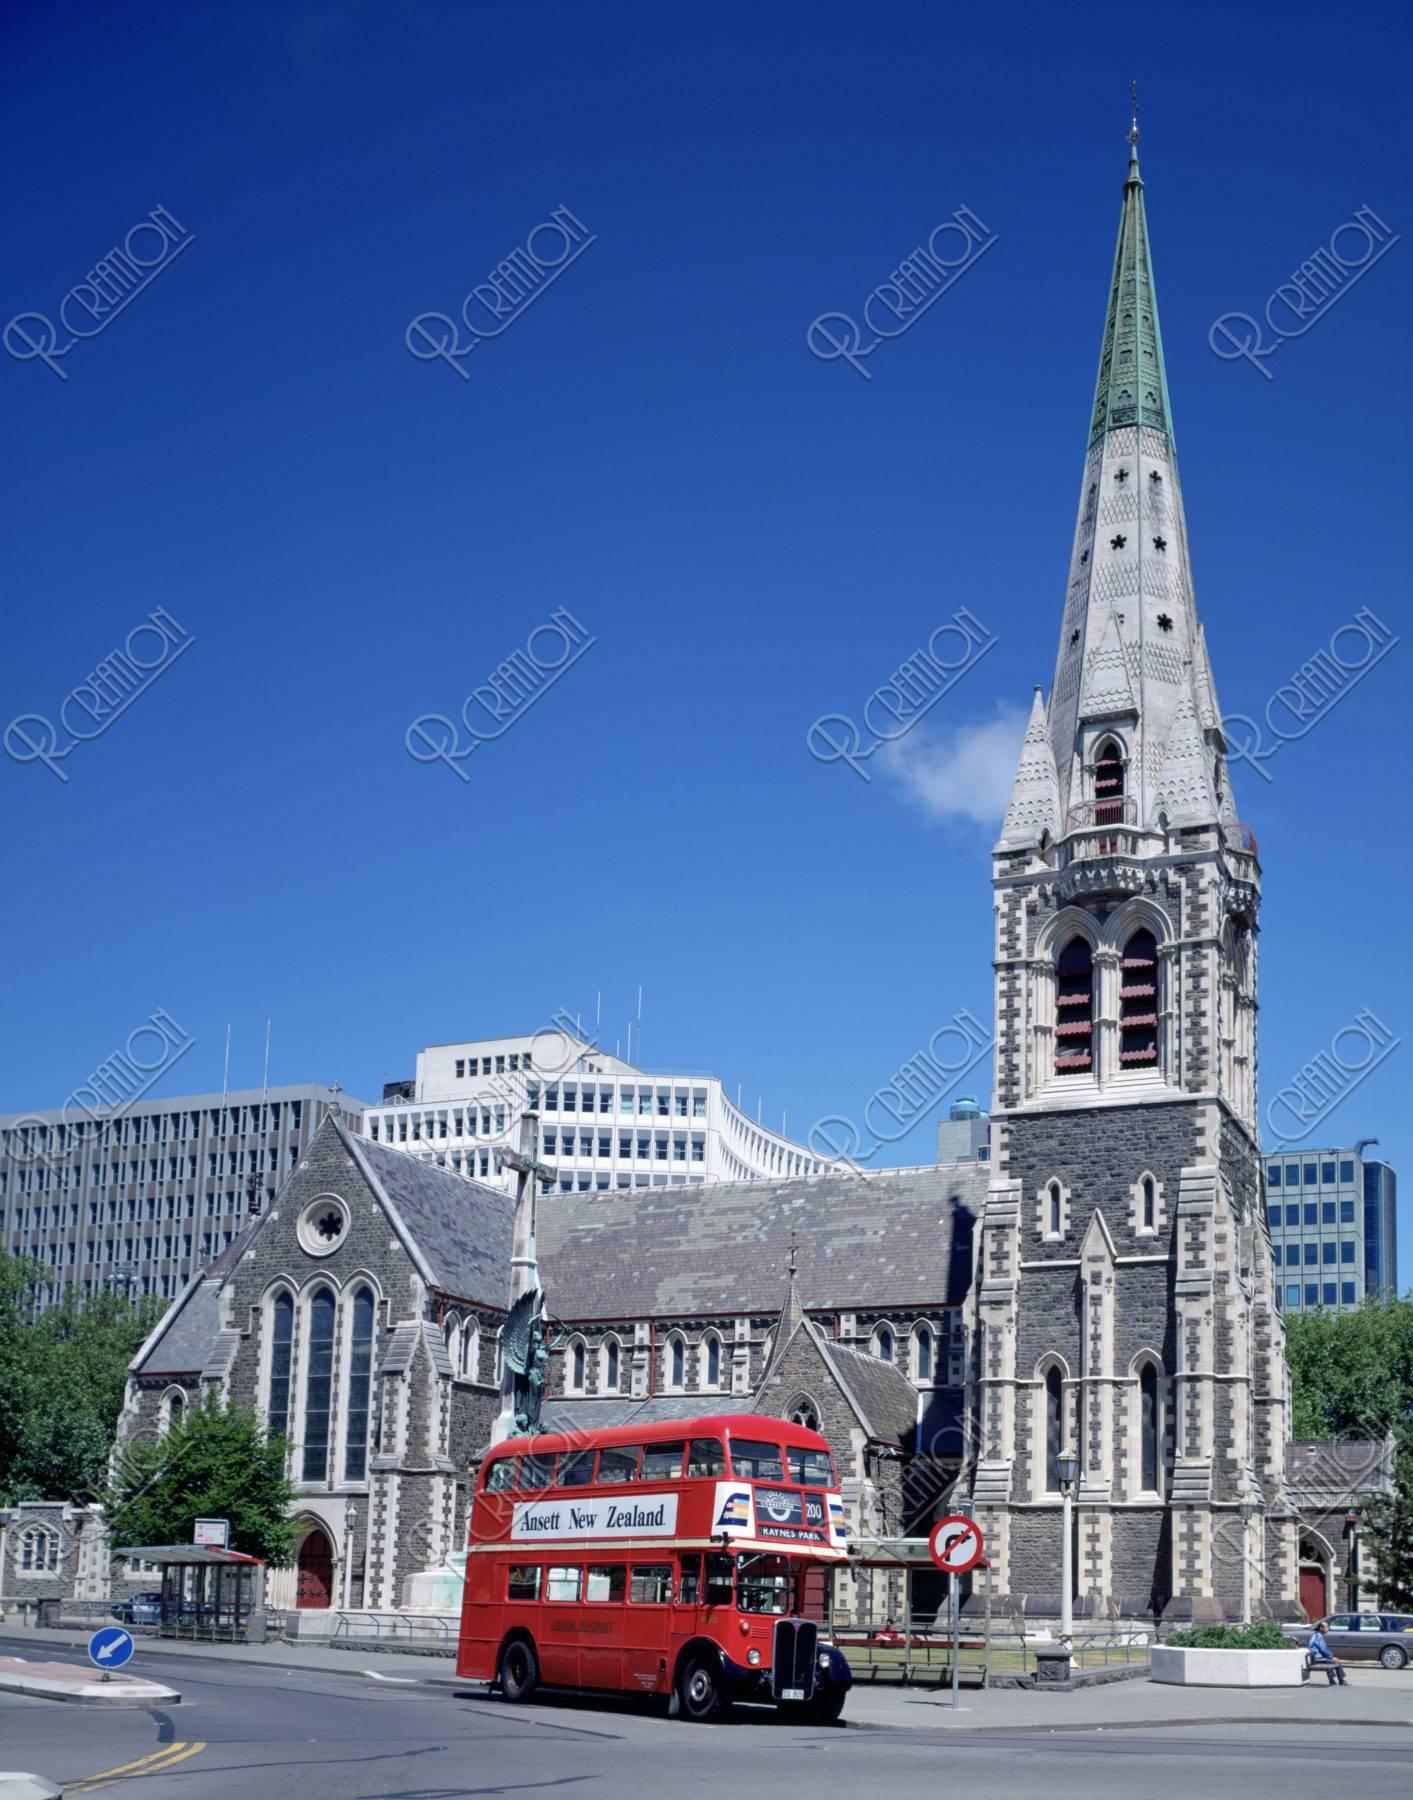 ニュ−ジ−ランド クライストチャ−チ 大聖堂と二階立てバス